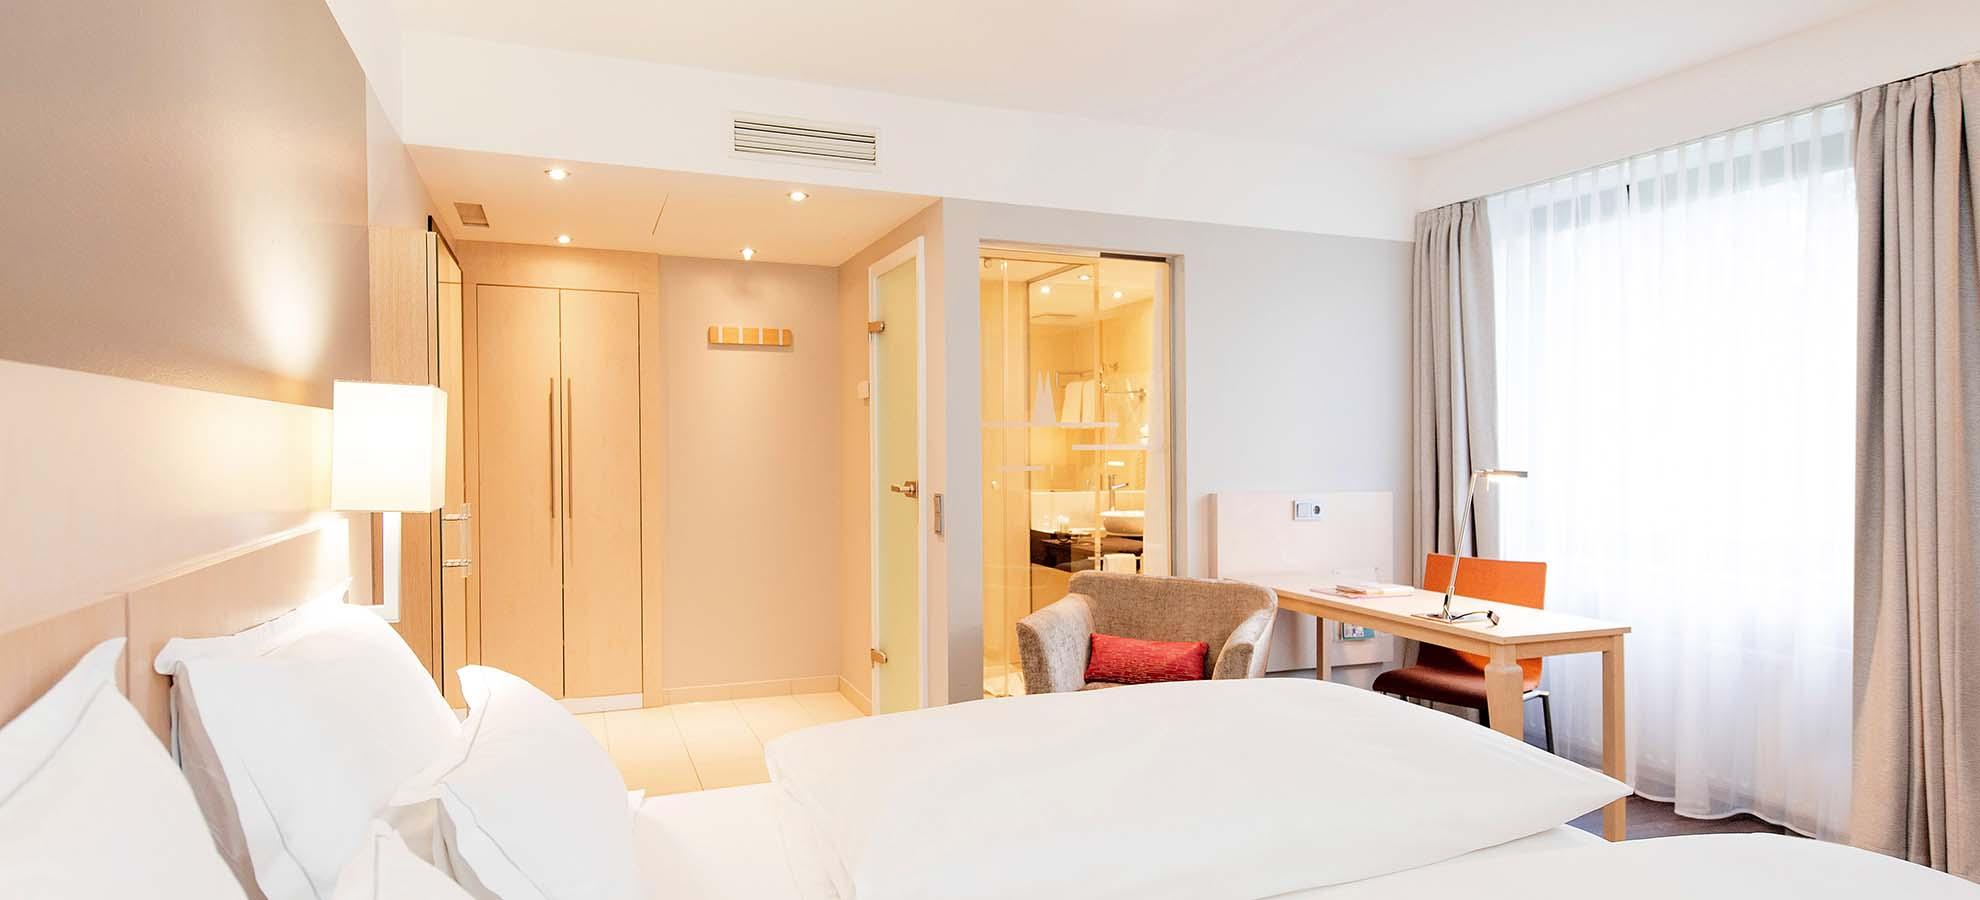 Hotel Lyskirchen Superior Zimmer / Superior Room